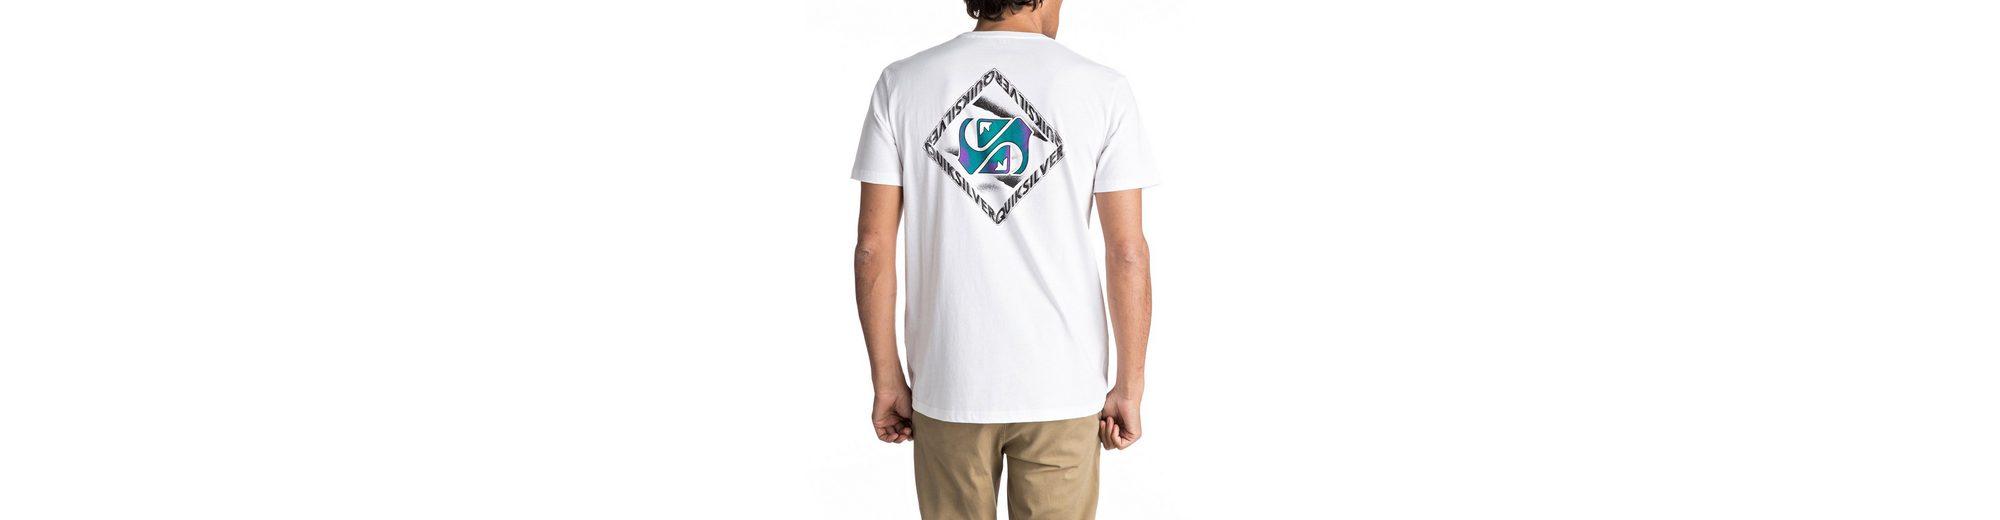 Quiksilver T-Shirt Classic 80 Prism Zuverlässig Günstig Online Rabatt Original Mit Paypal Freiem Verschiffen Kaufen Zum Verkauf uPmUVts